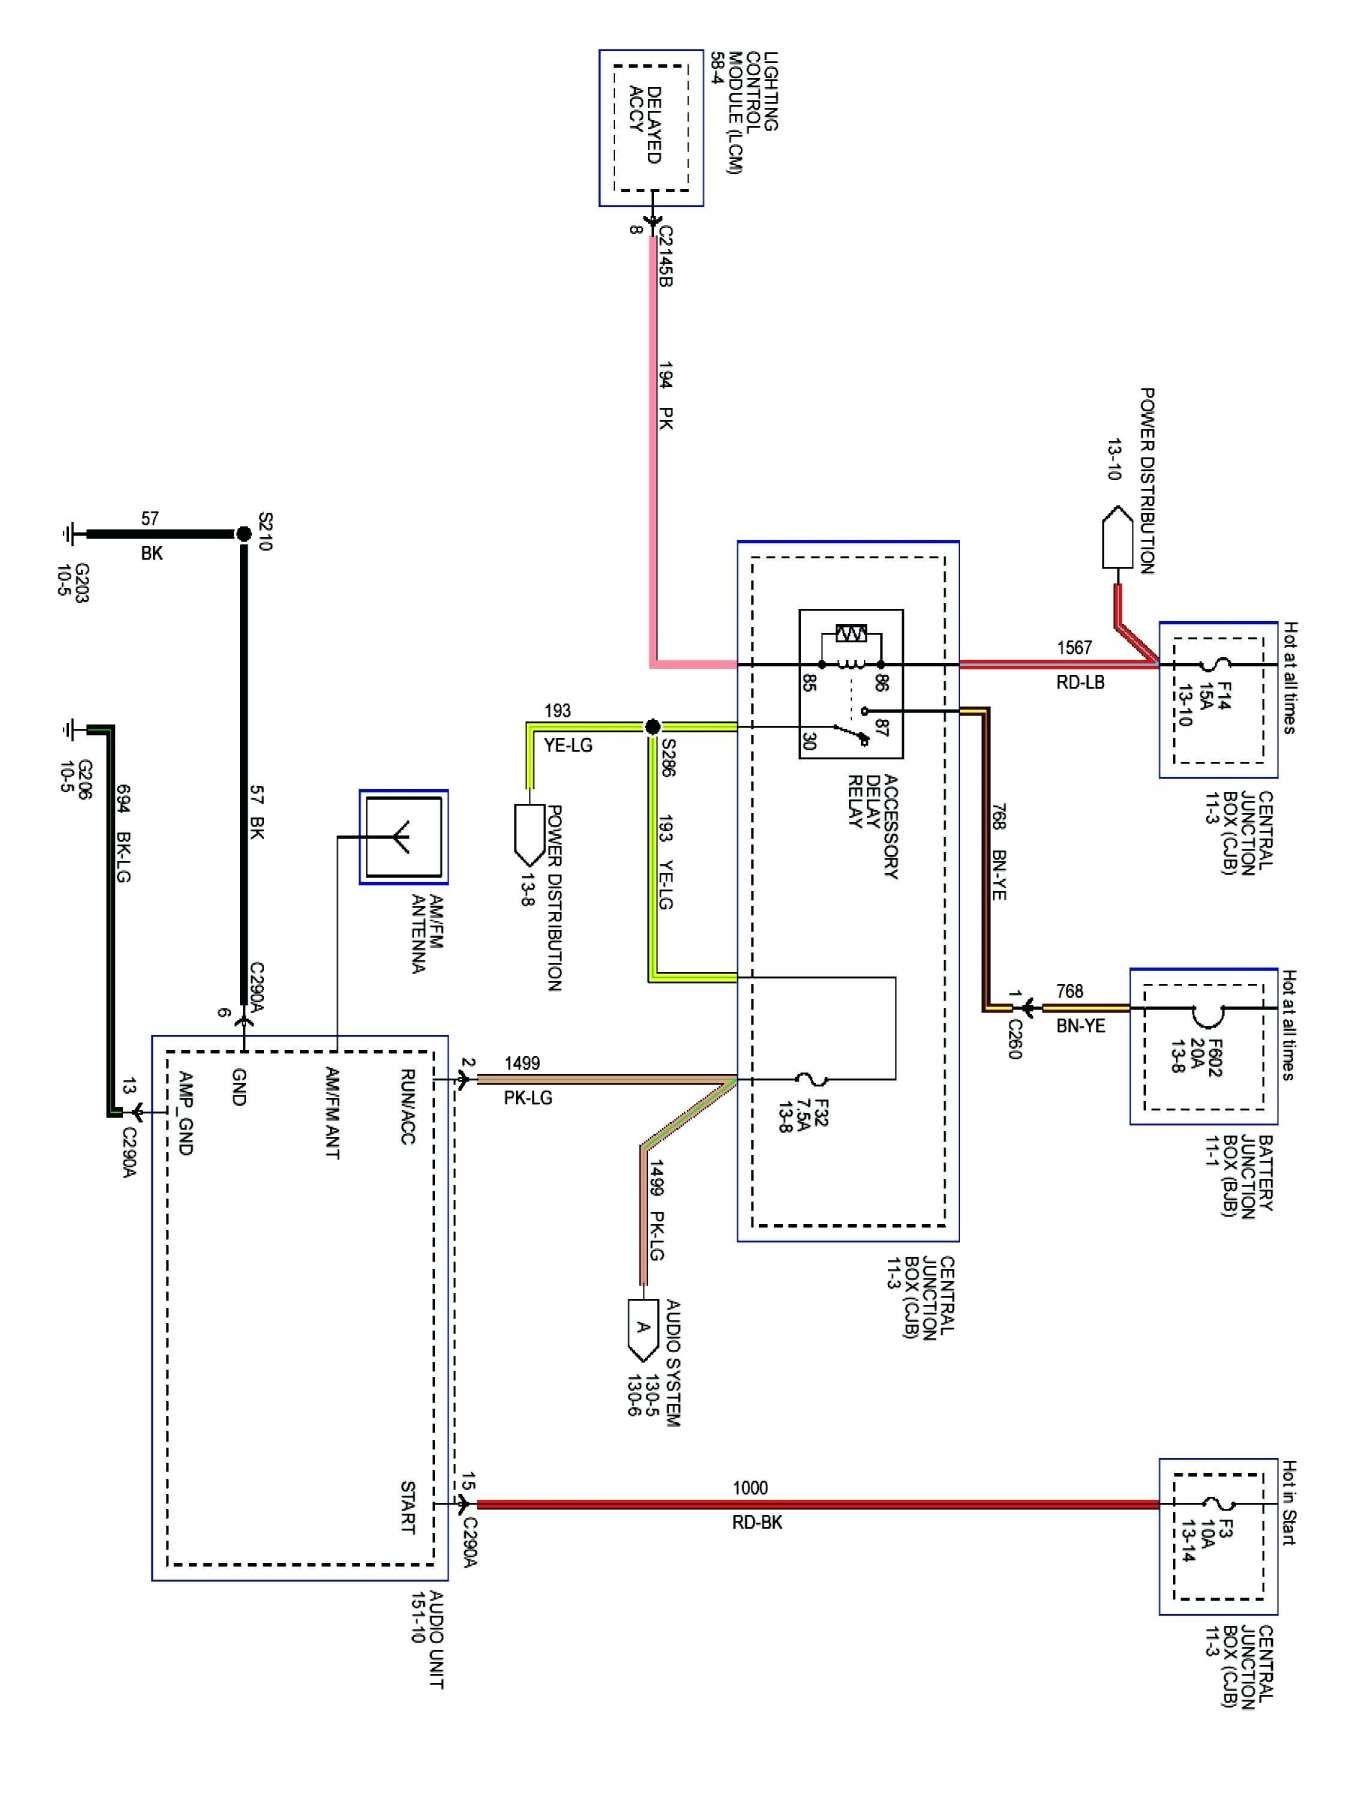 12 Lincoln Town Car Wiring Diagram